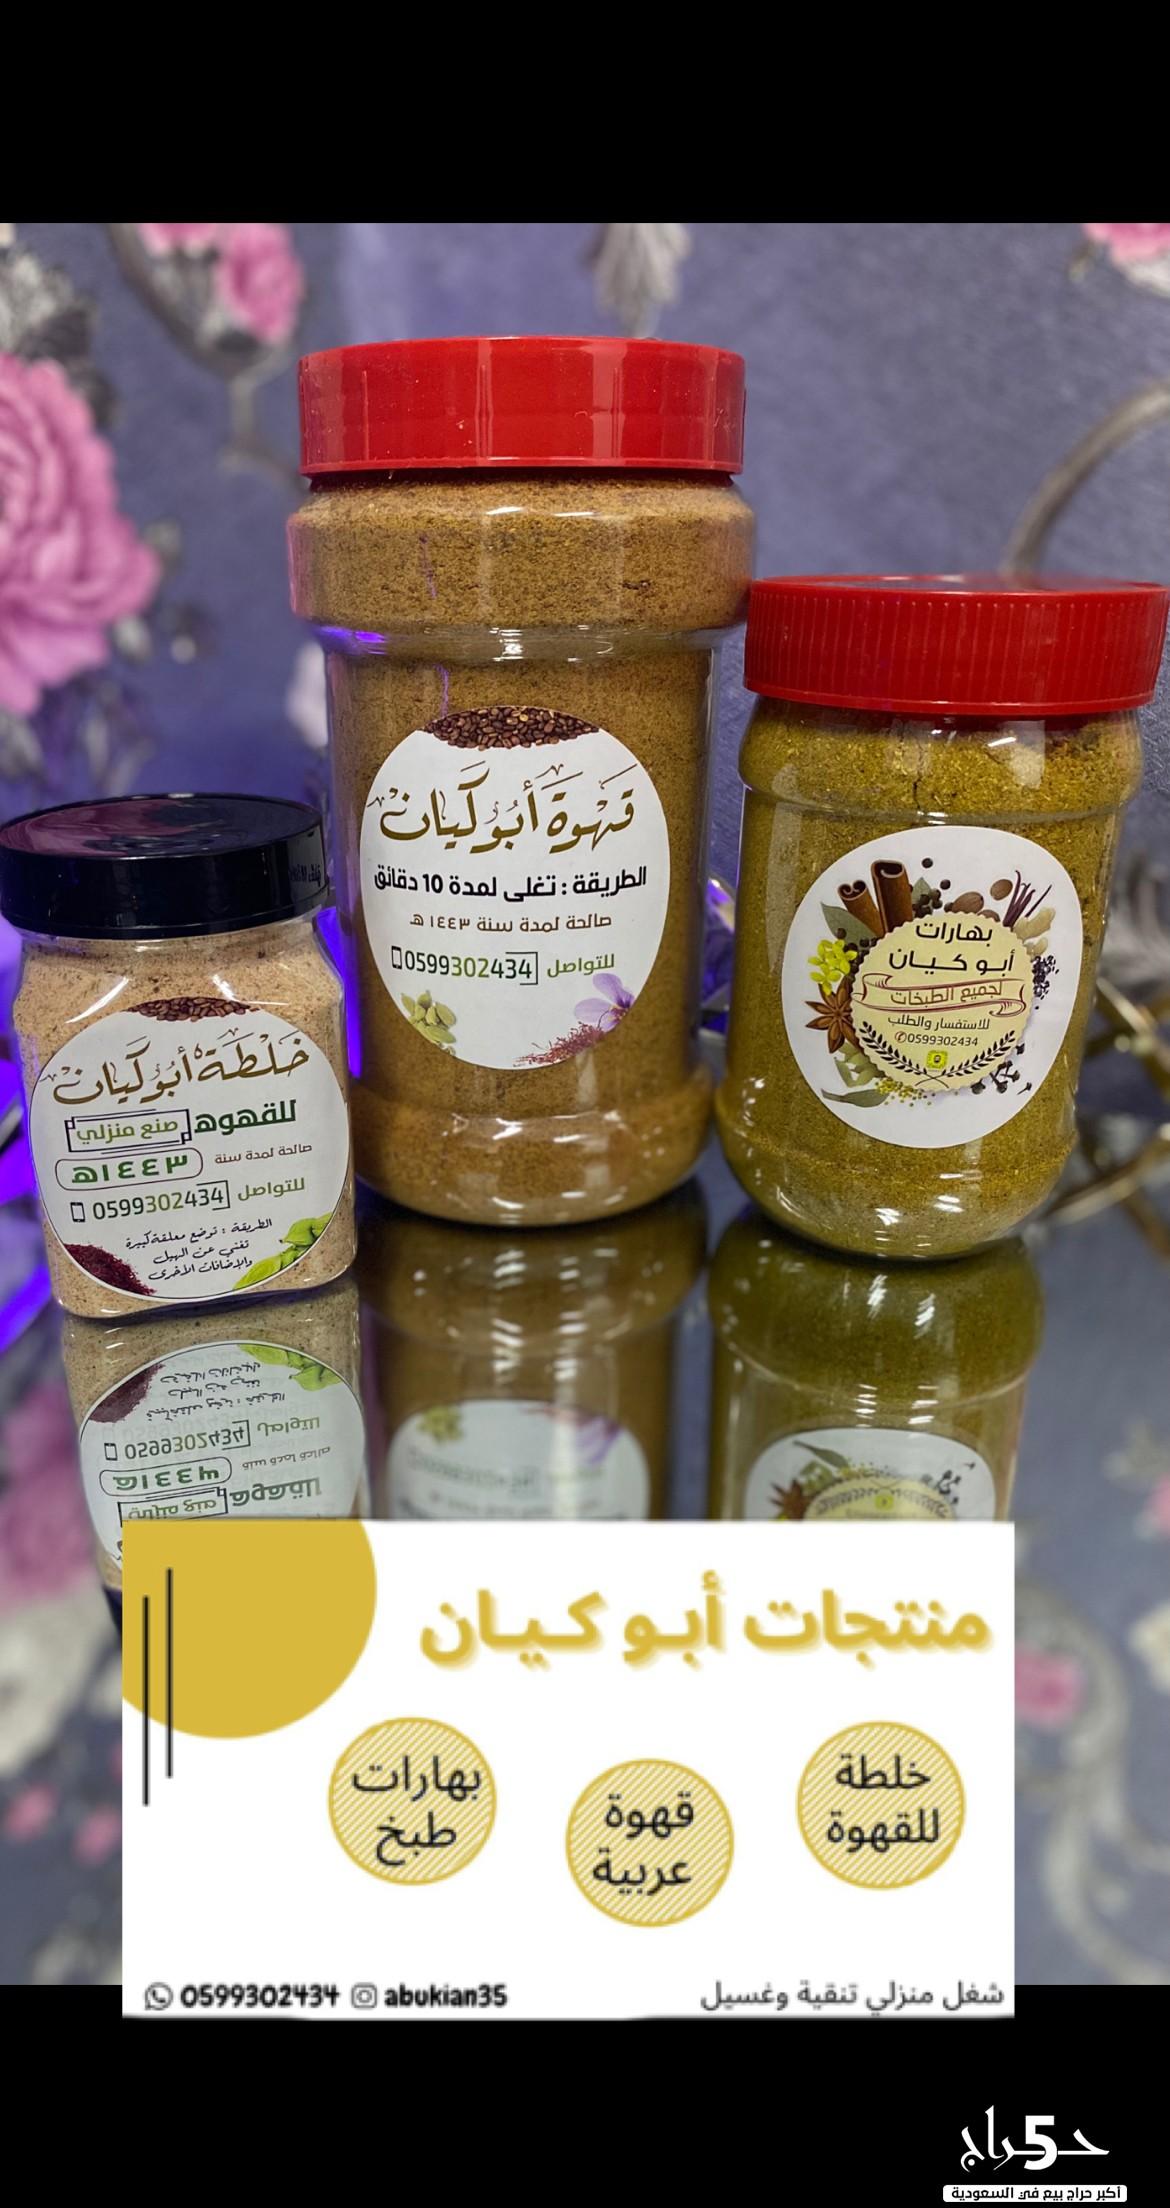 منتجات أبو كيان